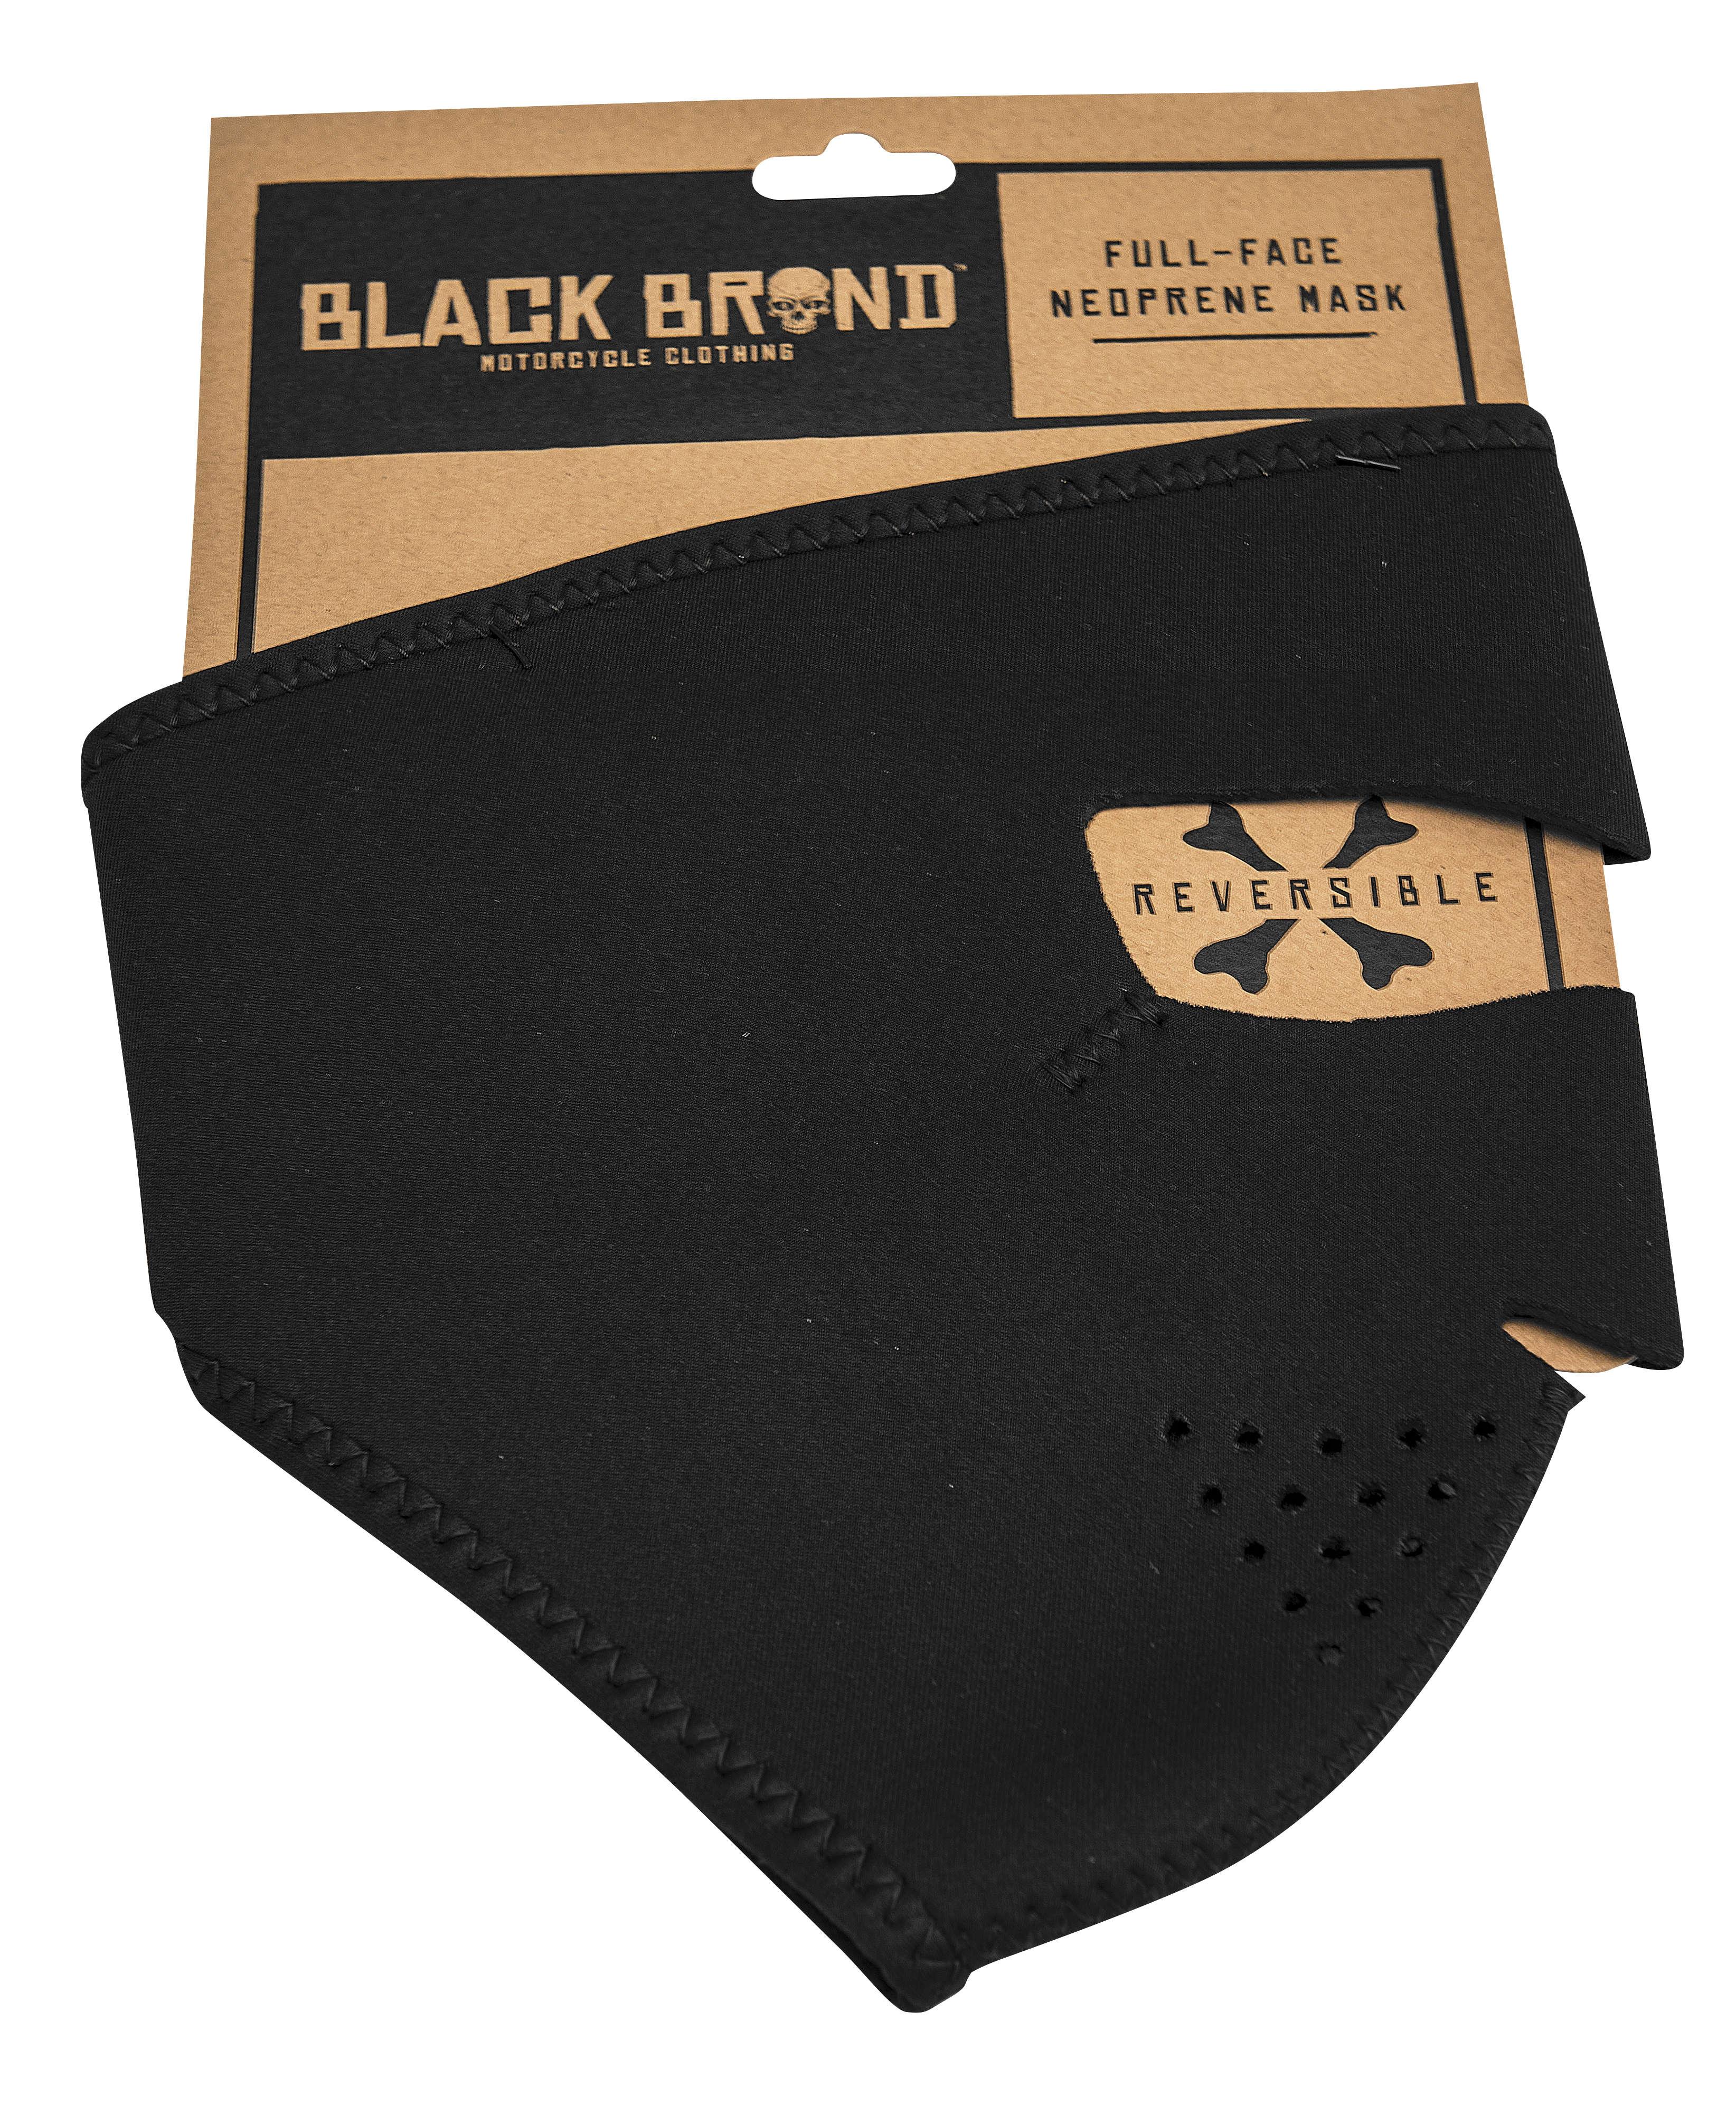 Black Brand Neoprene Full Face Mask